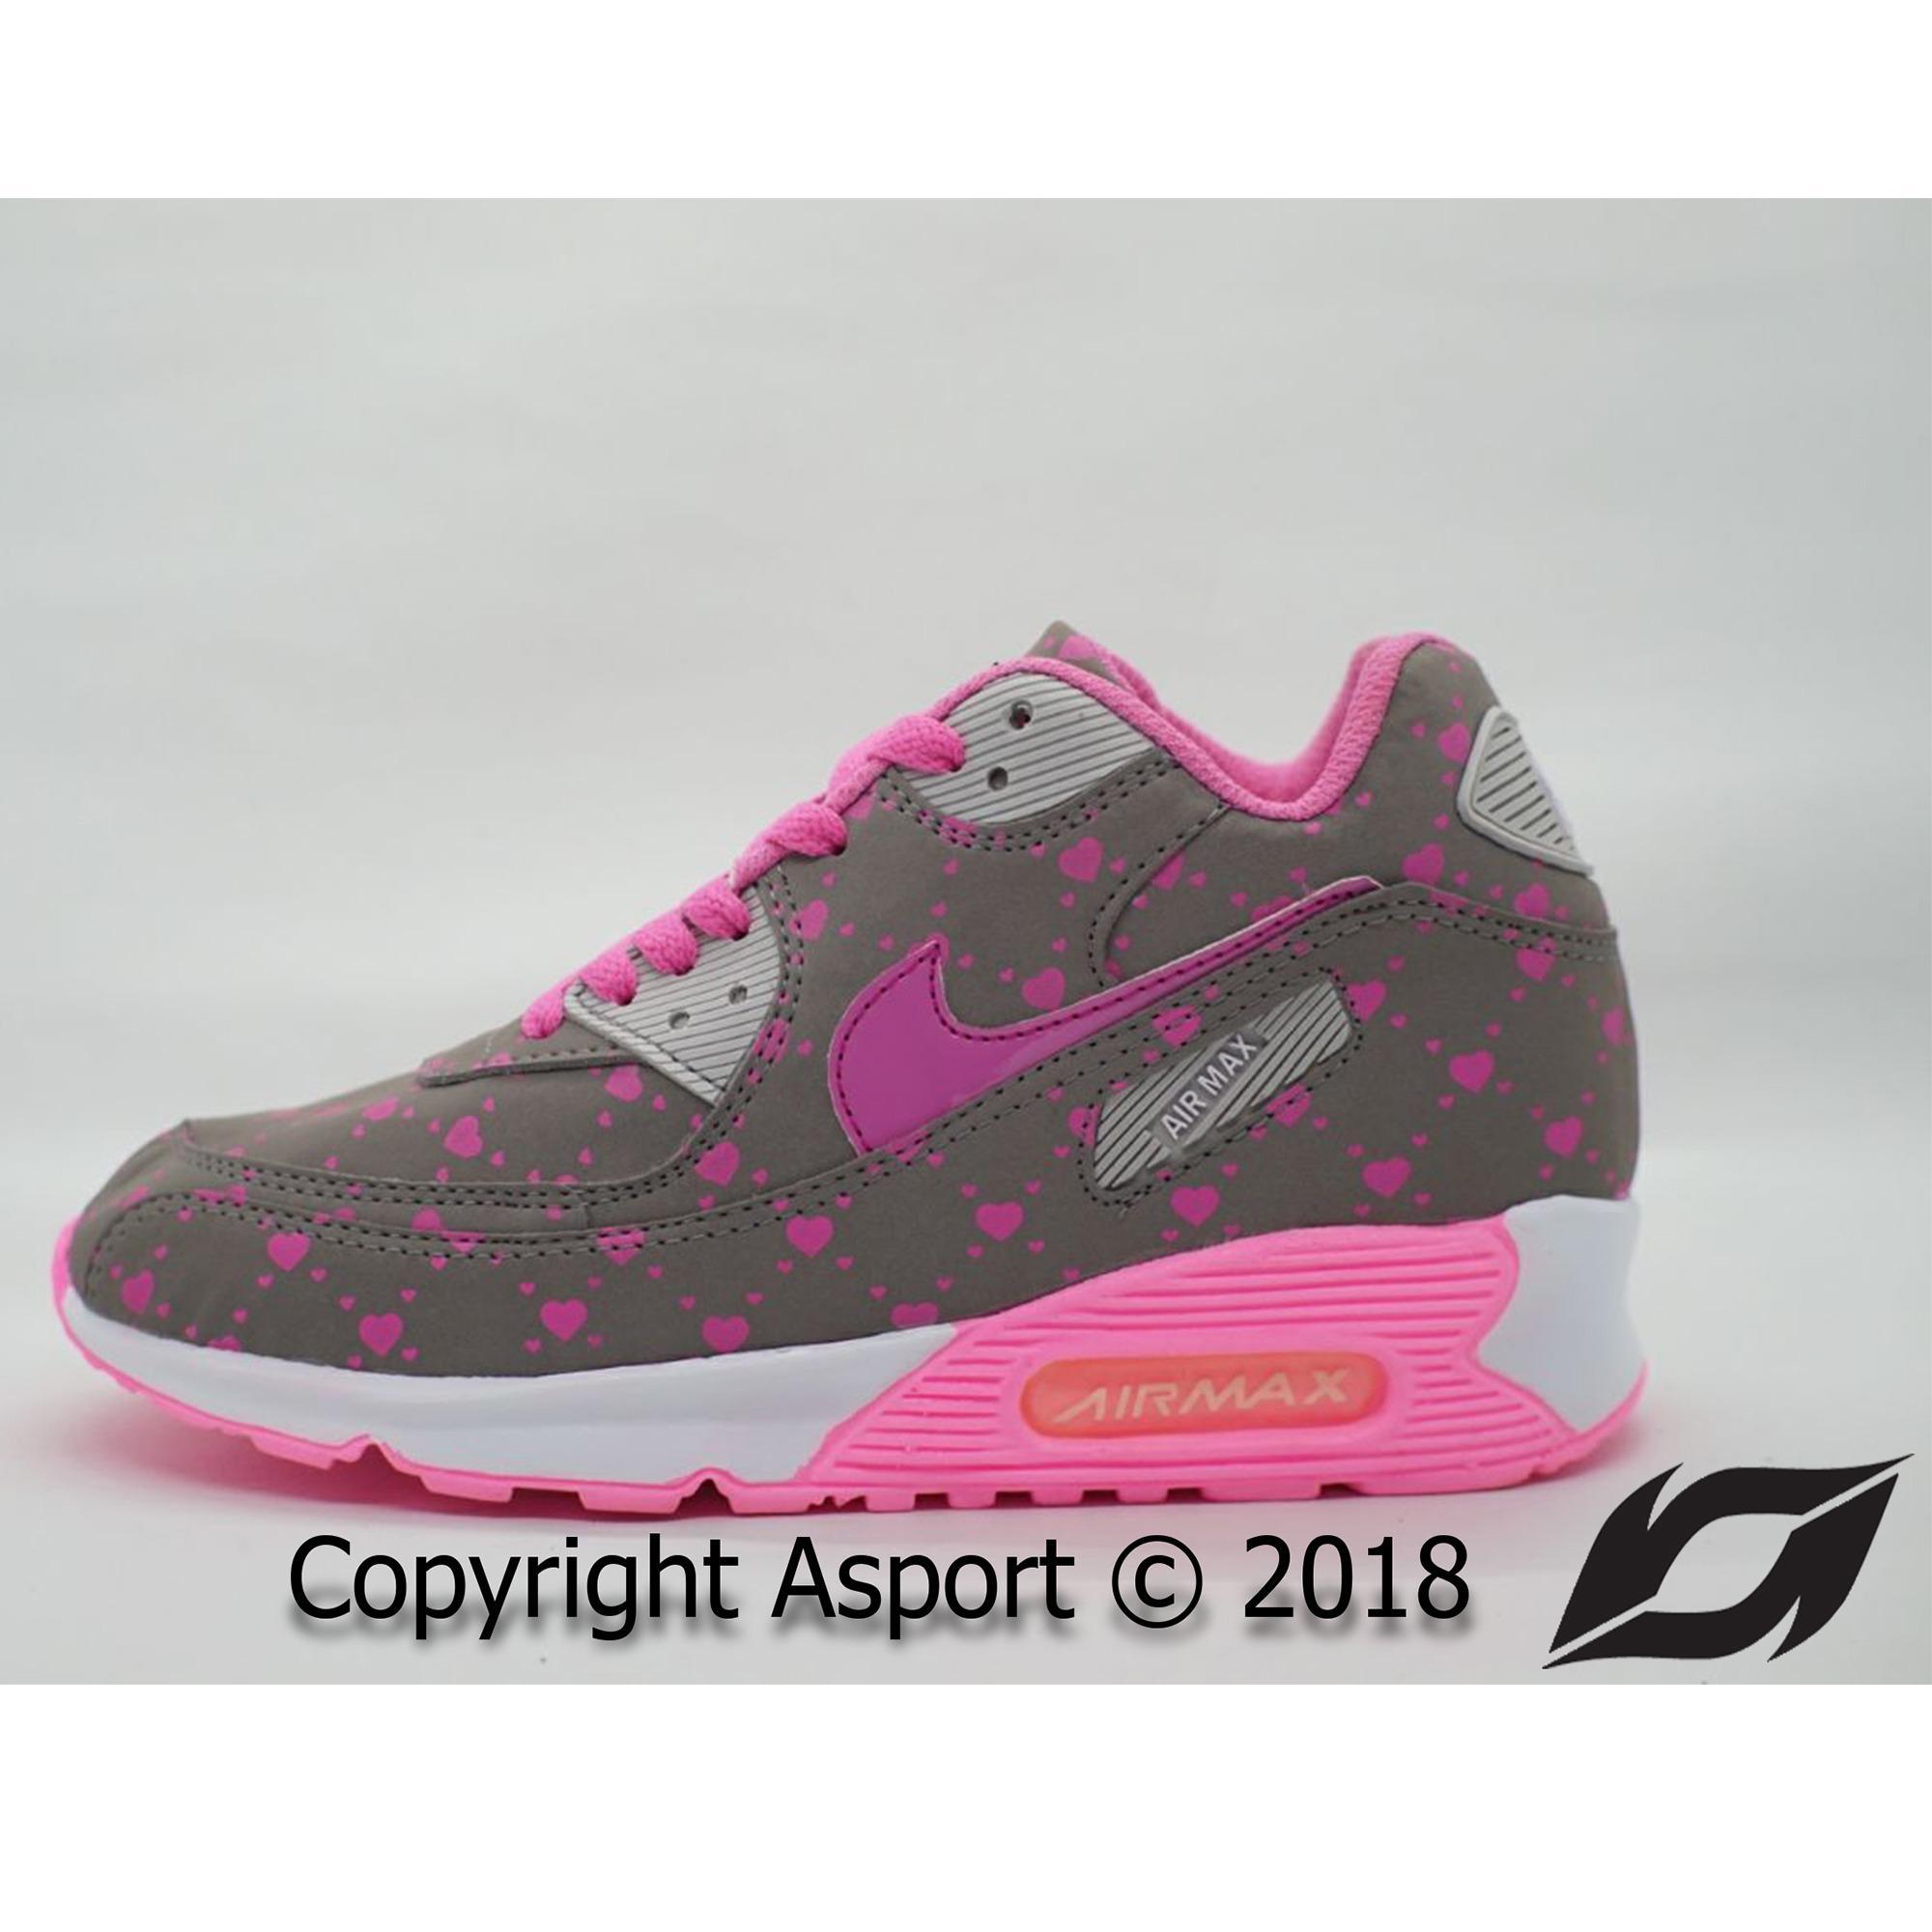 Sepatu Murah Nike Airmax 90 Kualitas Premium Warna Abu Pink Love